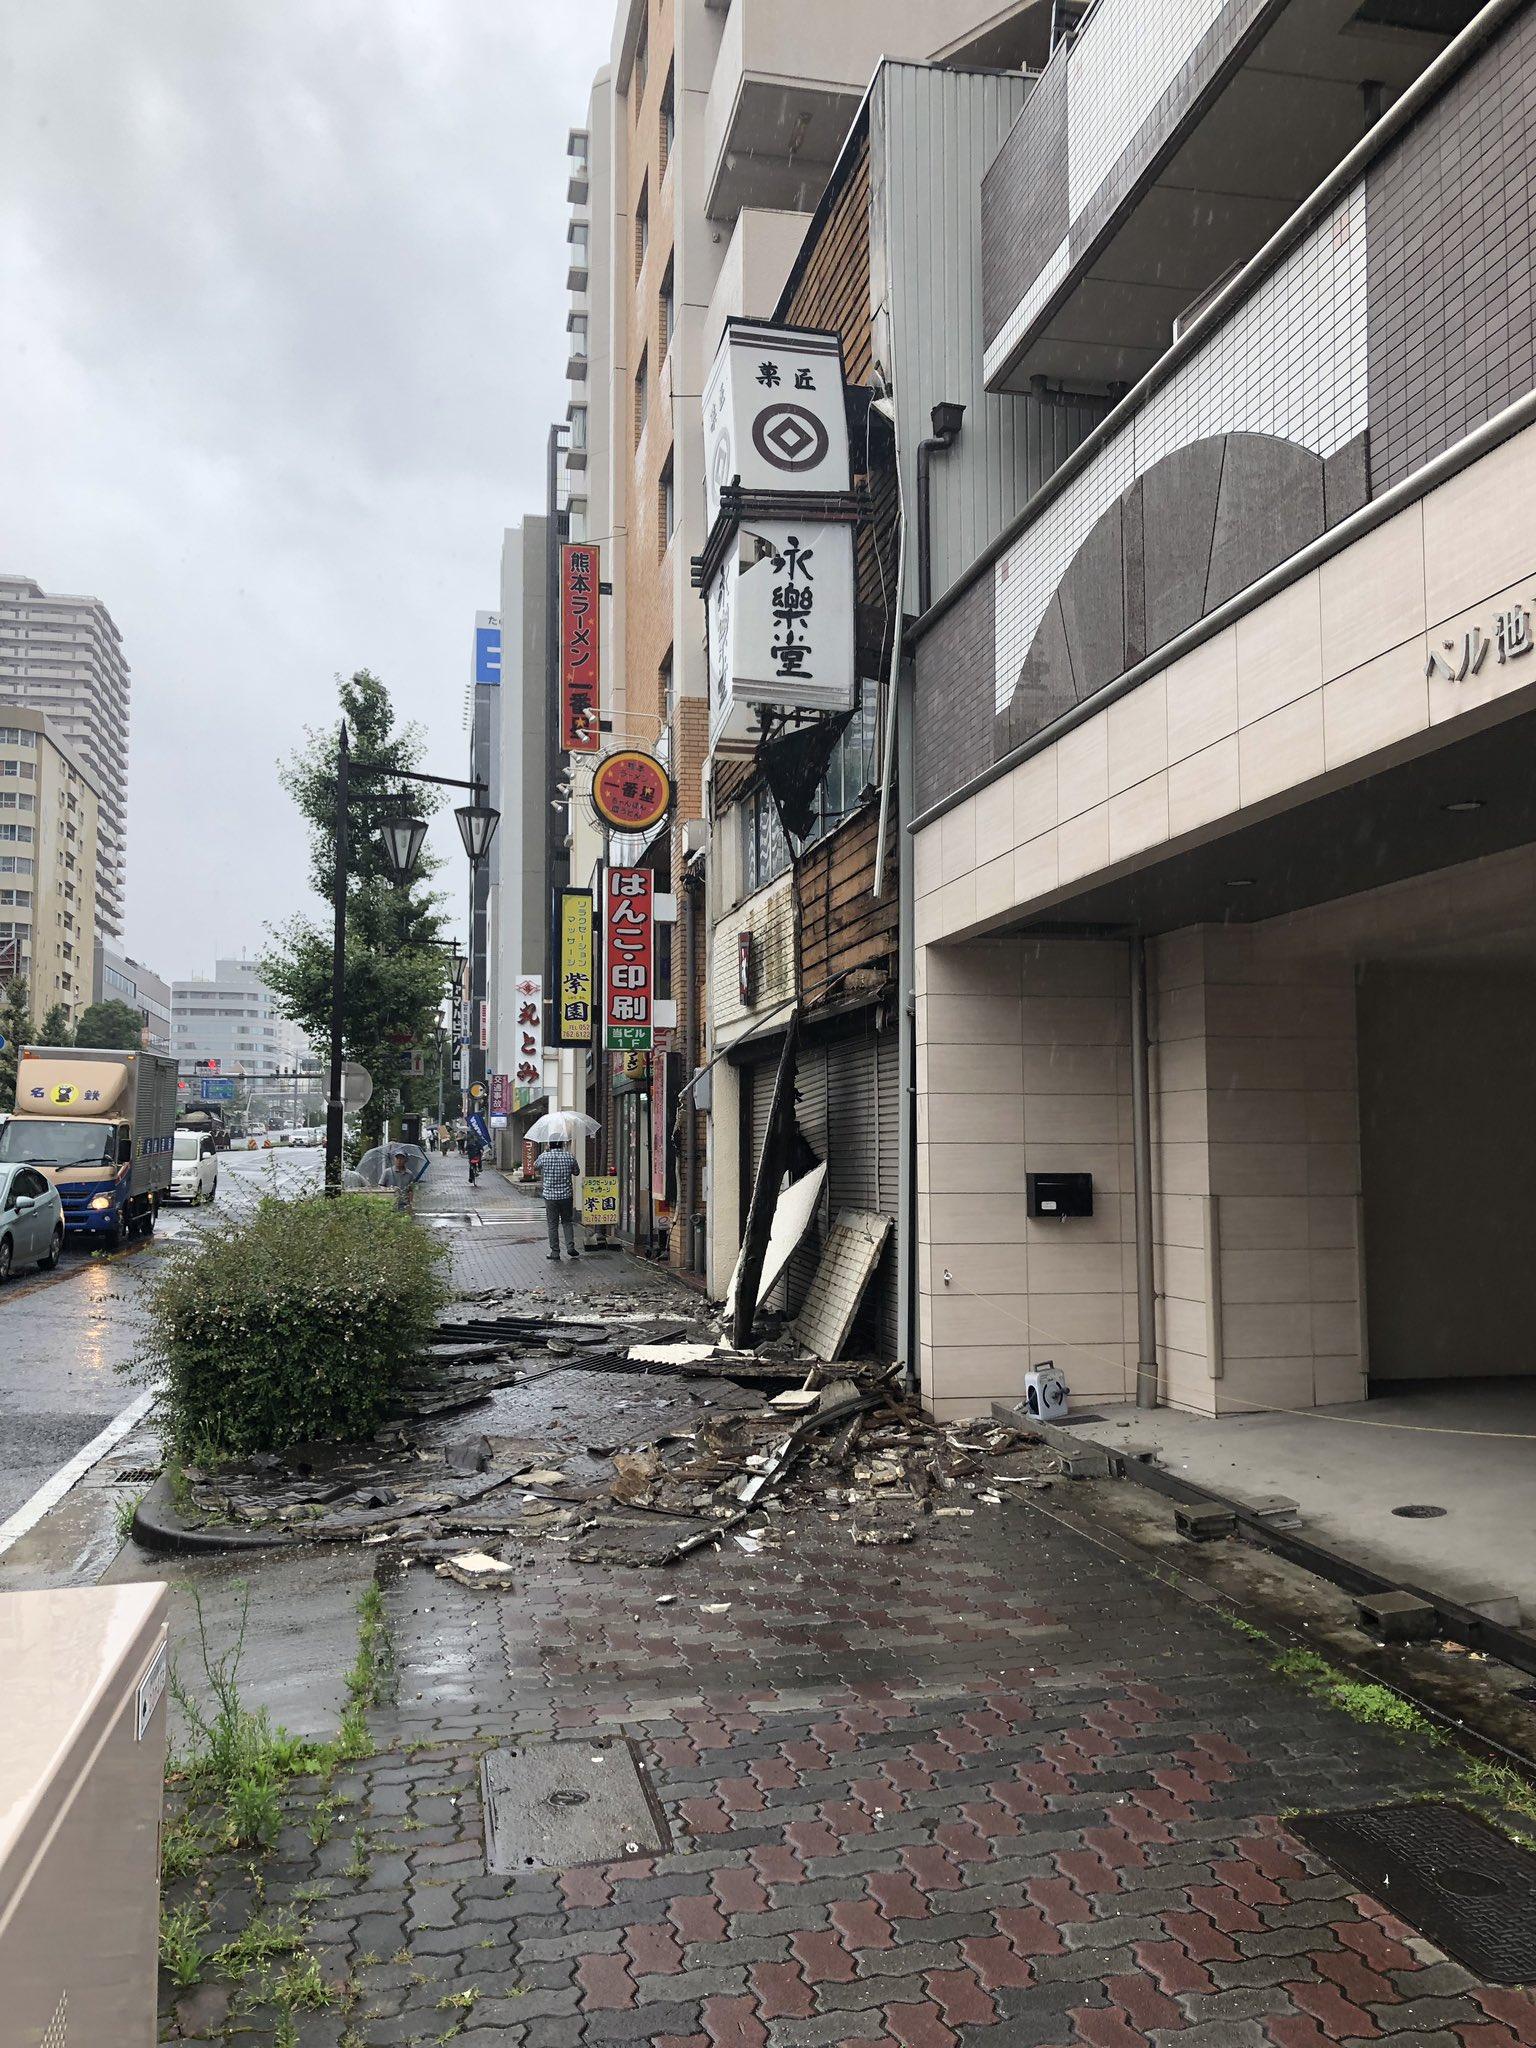 名古屋市千種区で外壁が崩落する事故の現場画像